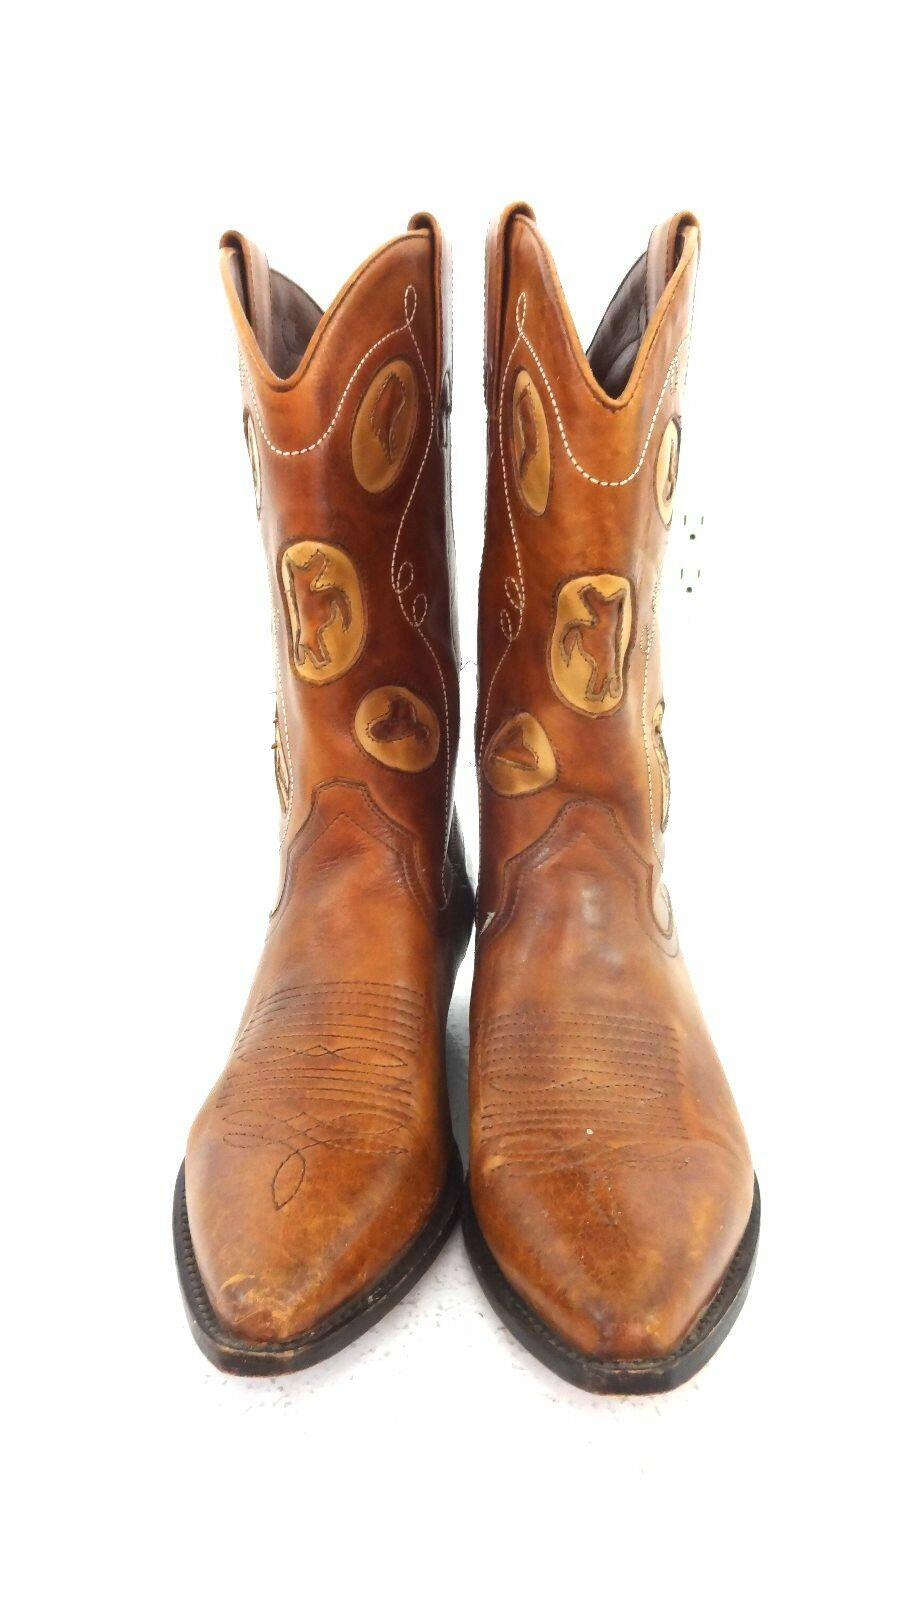 Giorgio Brutini Raro pelle Stivali da Cowboy Far West Taglia 9 M | benevento  | Scolaro/Ragazze Scarpa